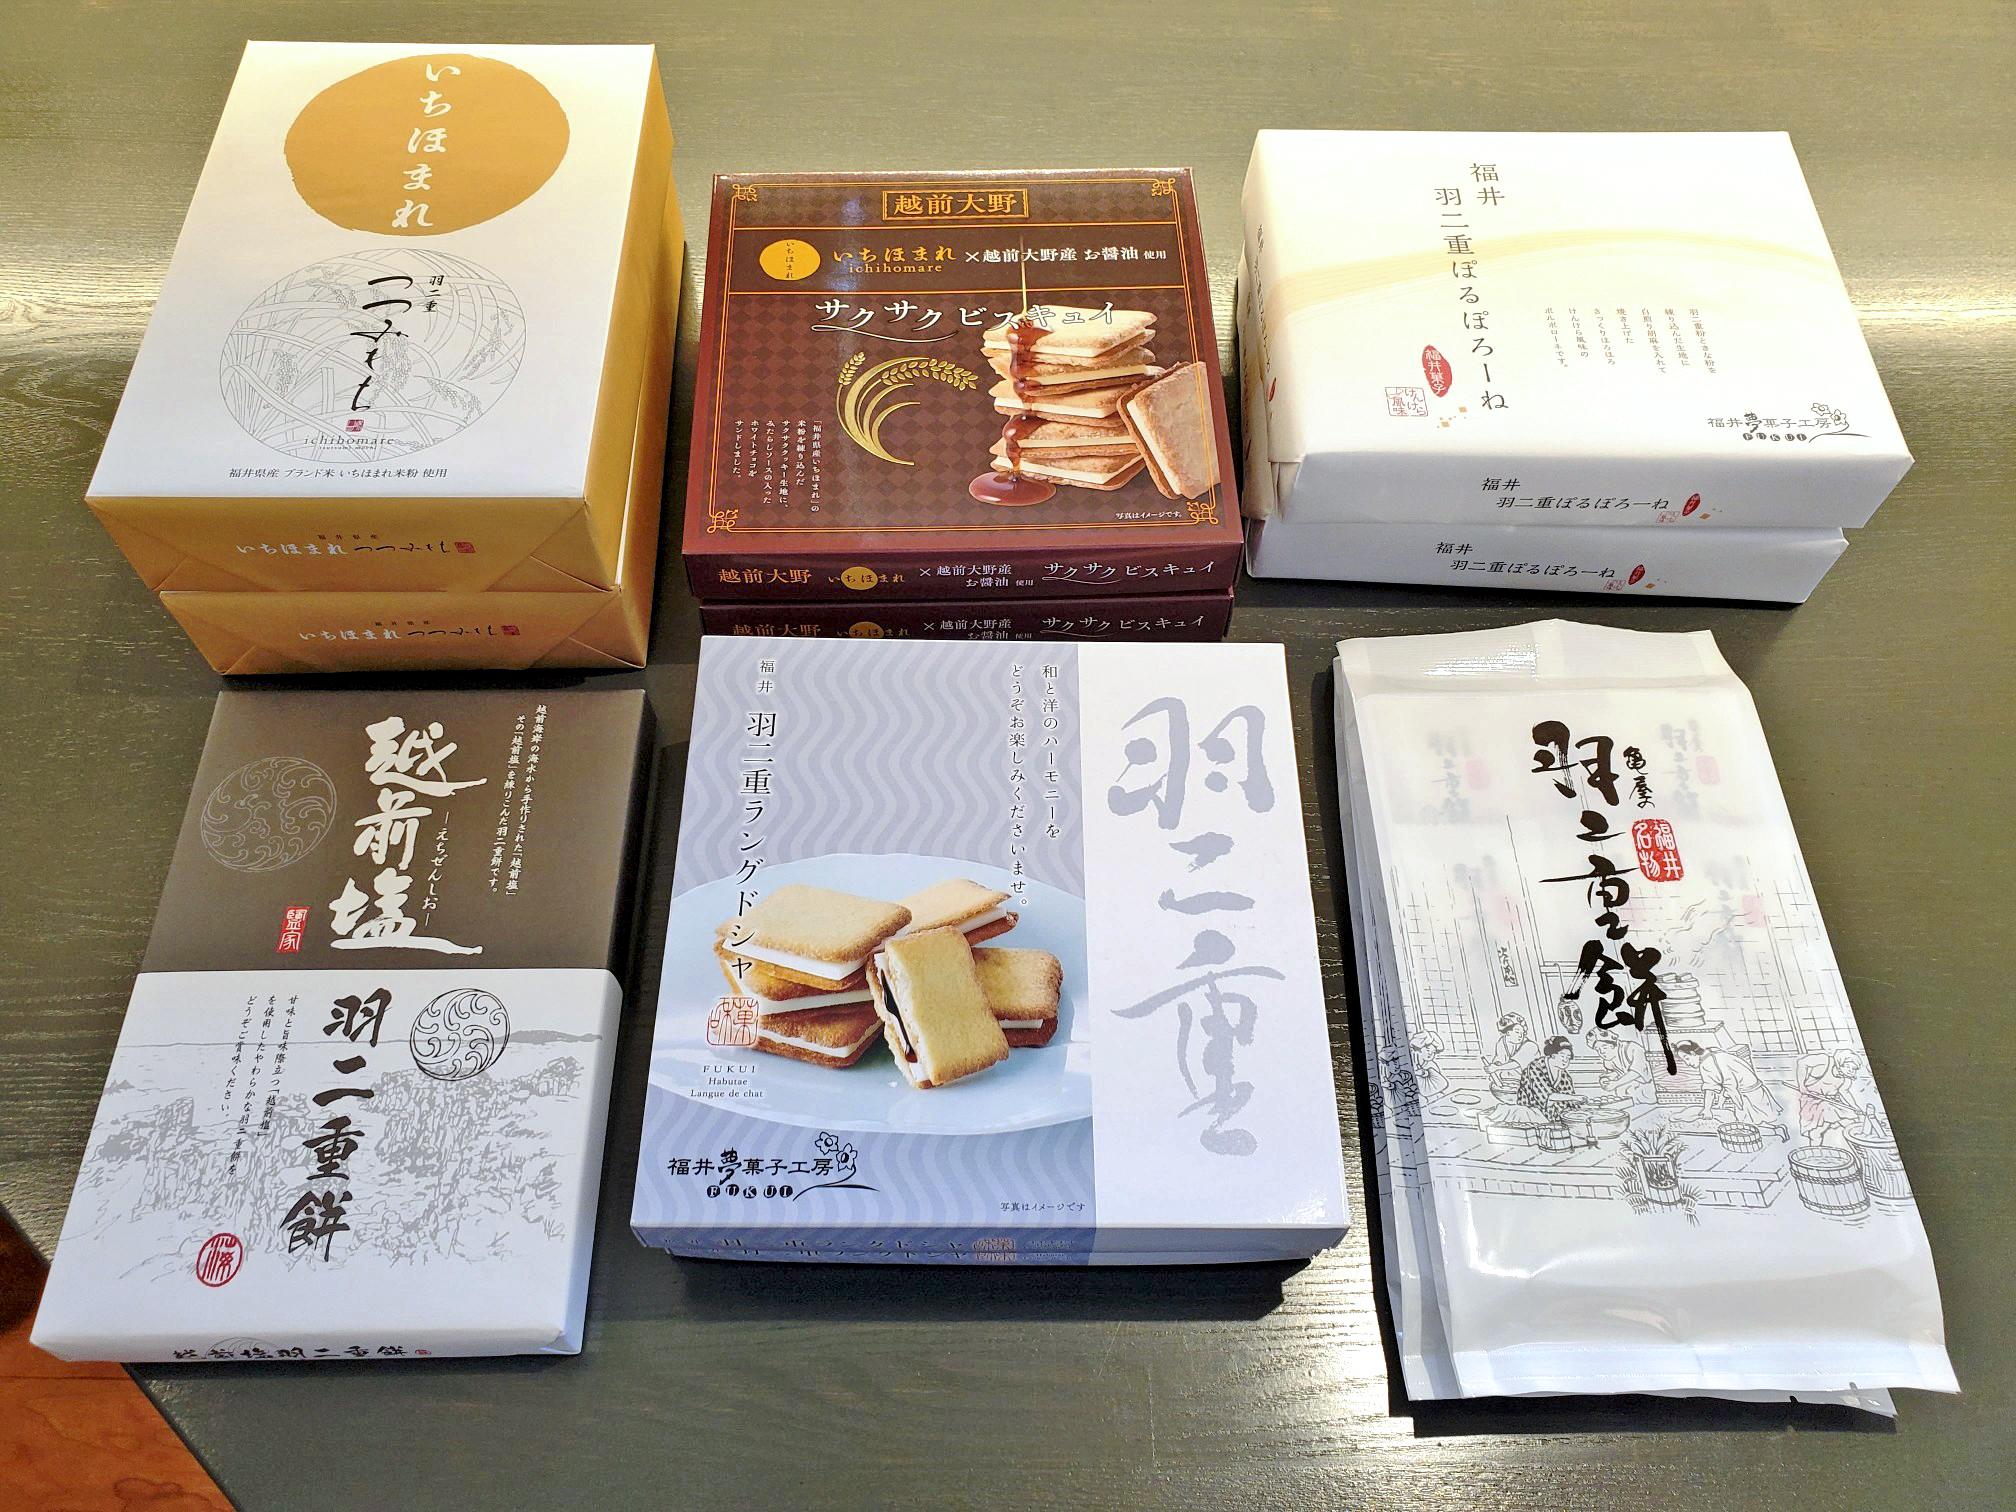 「福井といえば!羽二重餅!!」福井の代名詞と言っても過言ではない羽二重餅は、福井のお土産の定番のひとつになっております。